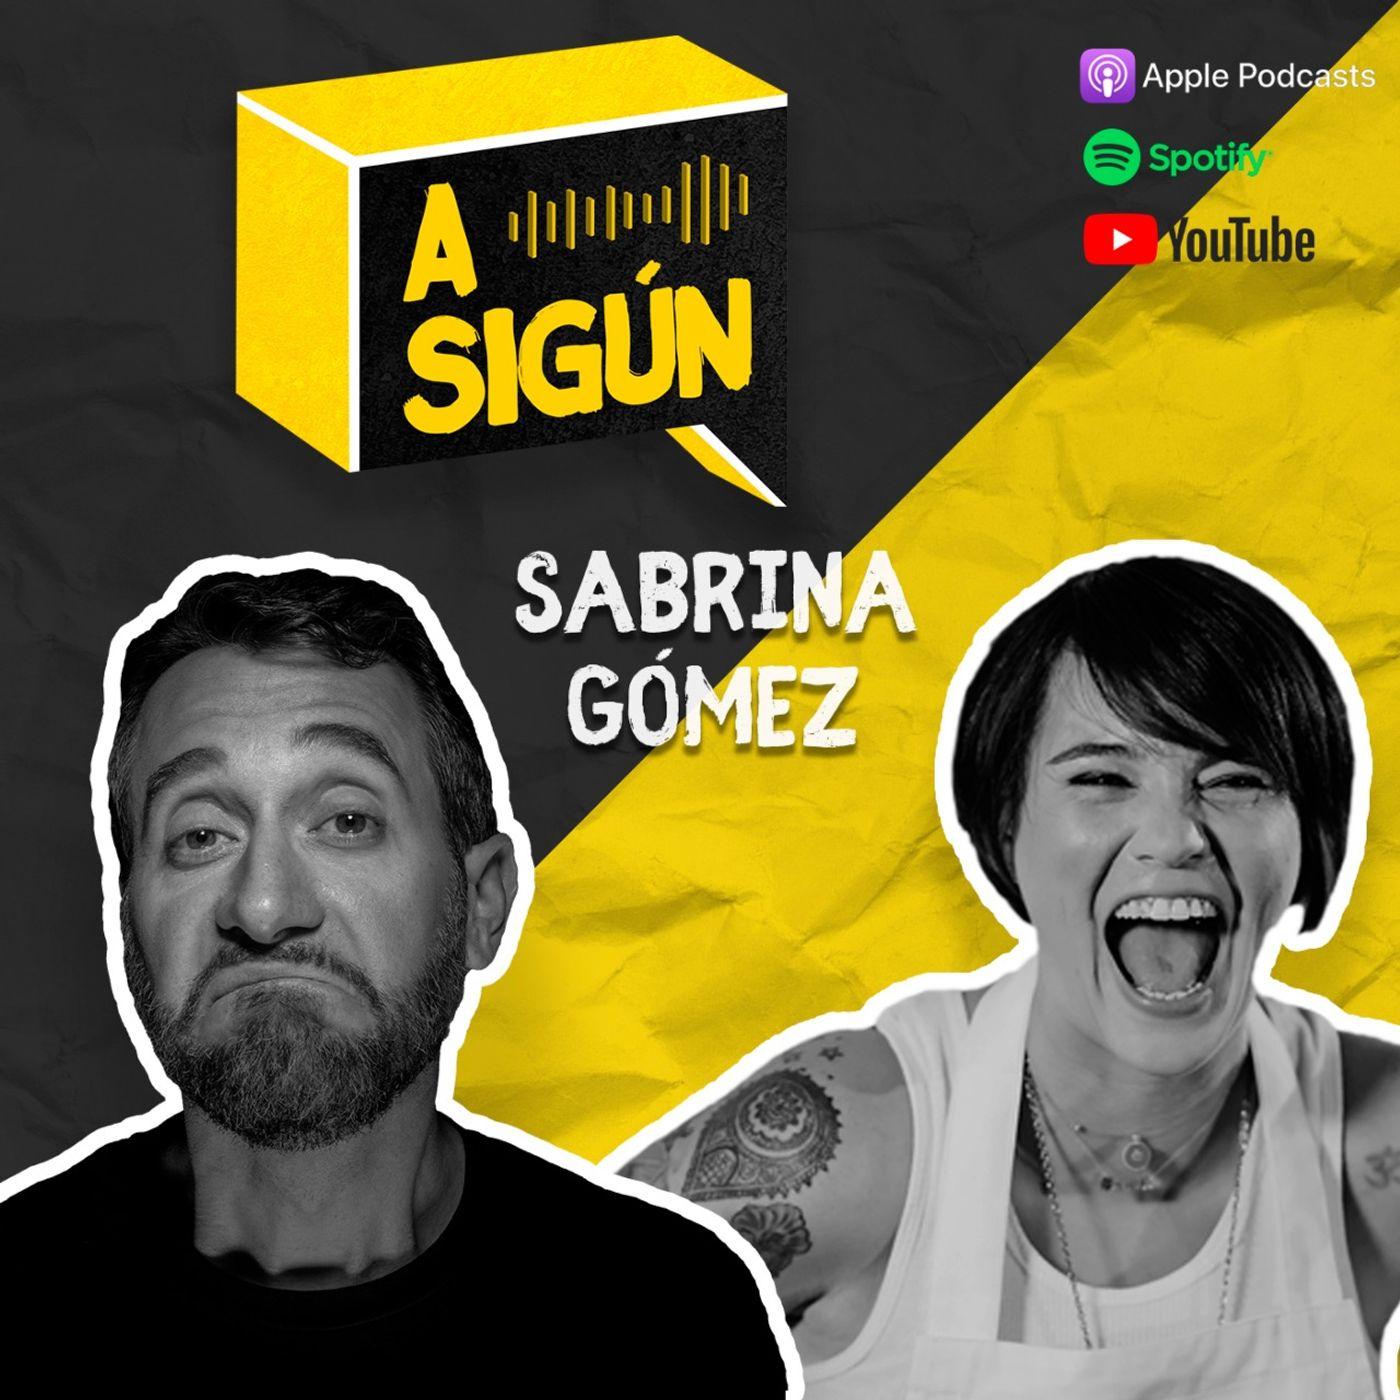 016. A SIGÚN: Sabrina Gómez